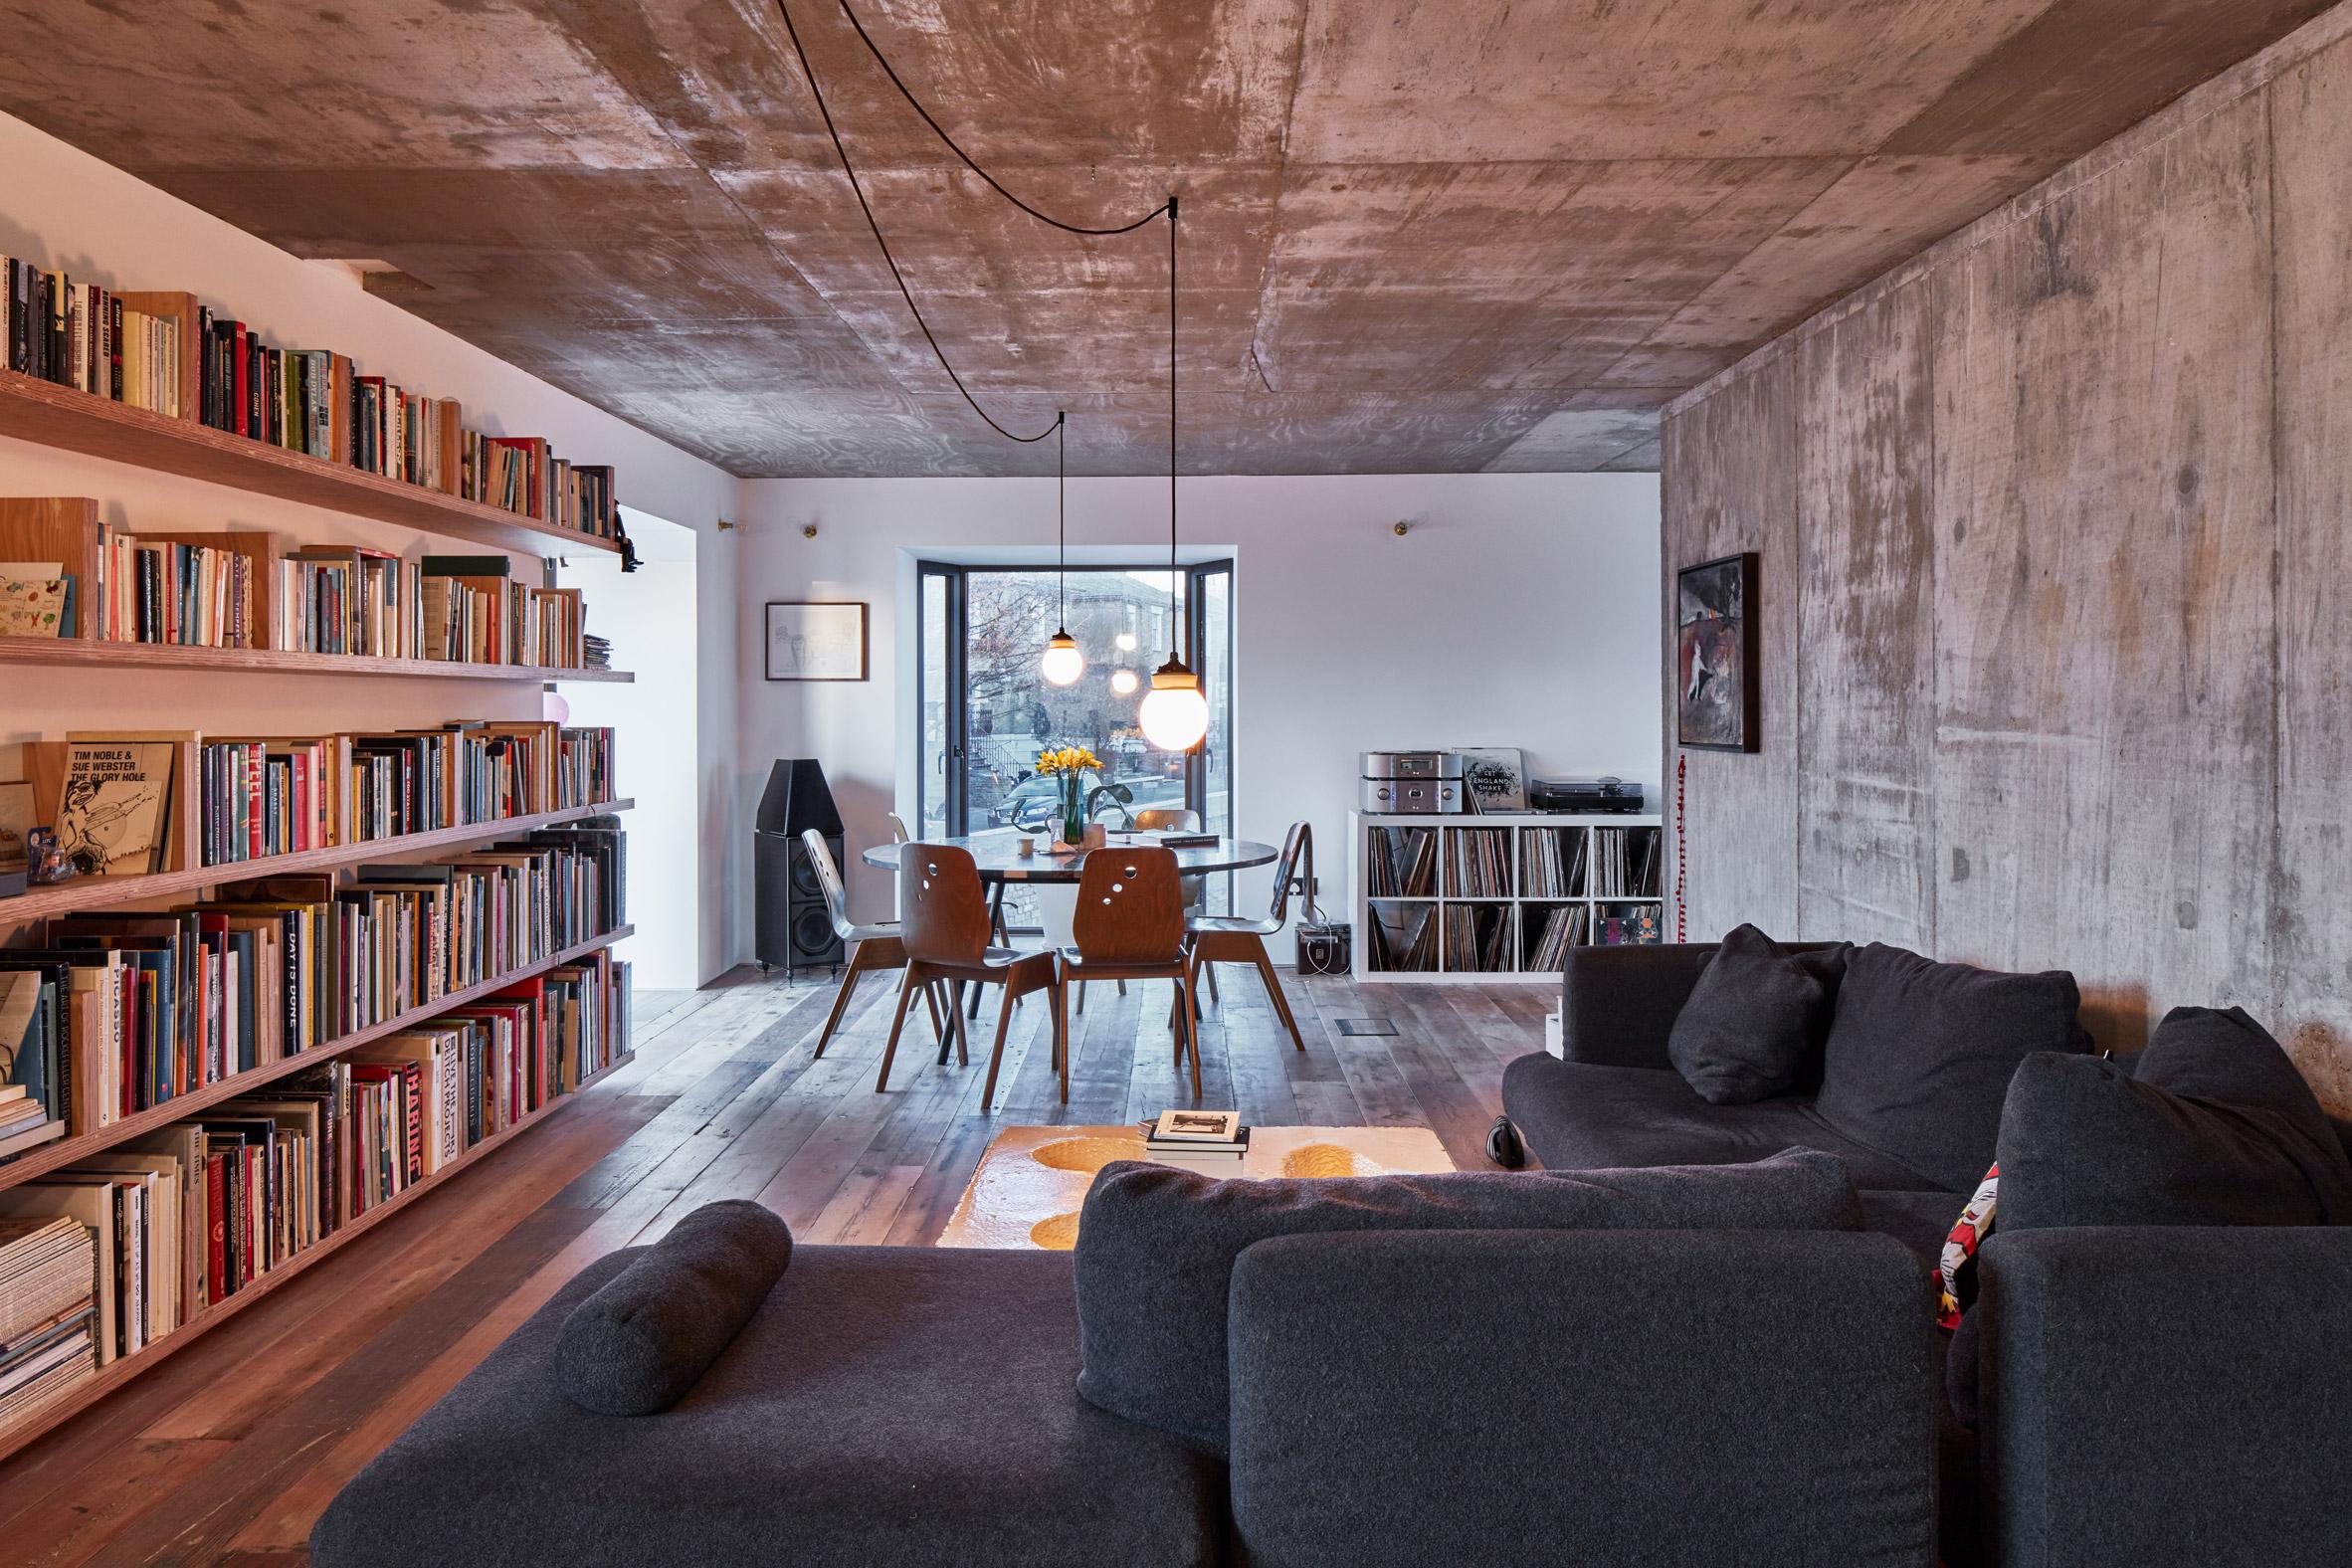 Una libreria e un grande divano, protagonisti dello spazio